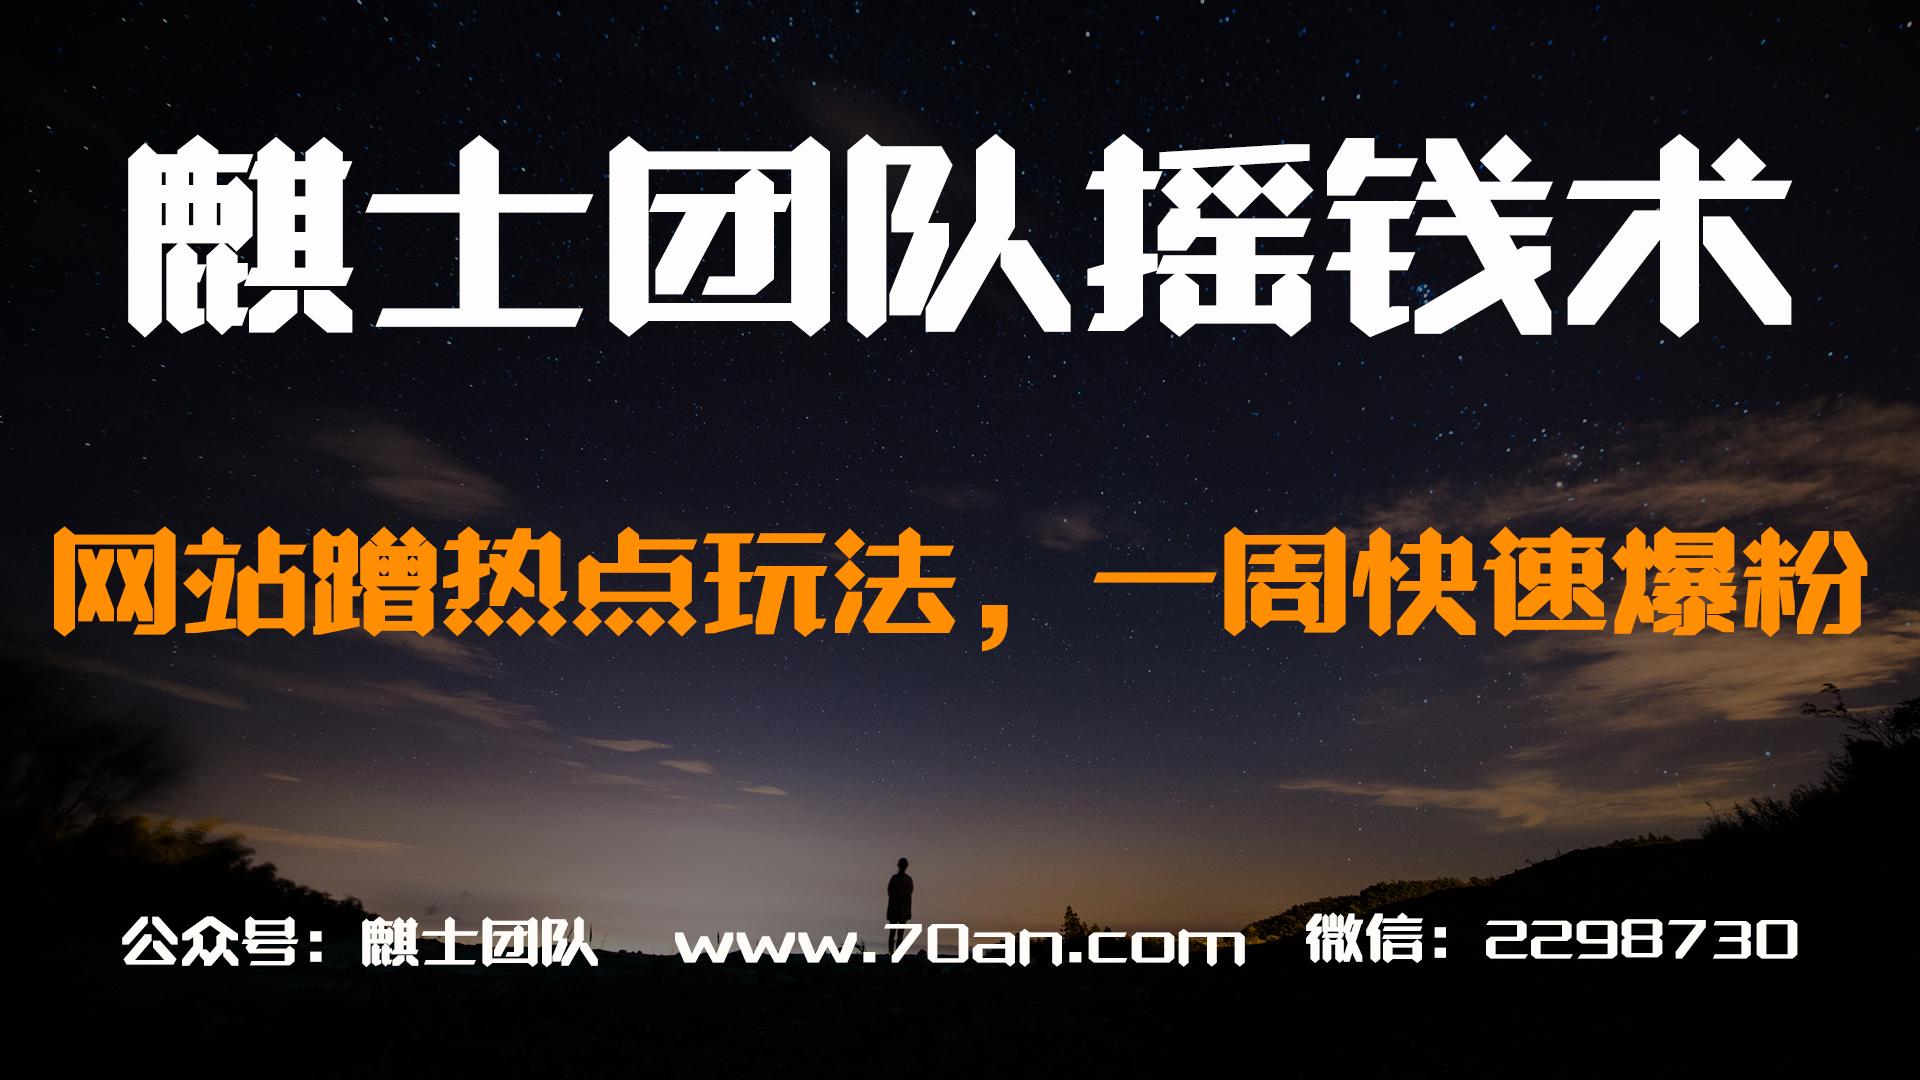 麒士团队摇钱术15:网站蹭热点玩法,一周快速爆粉